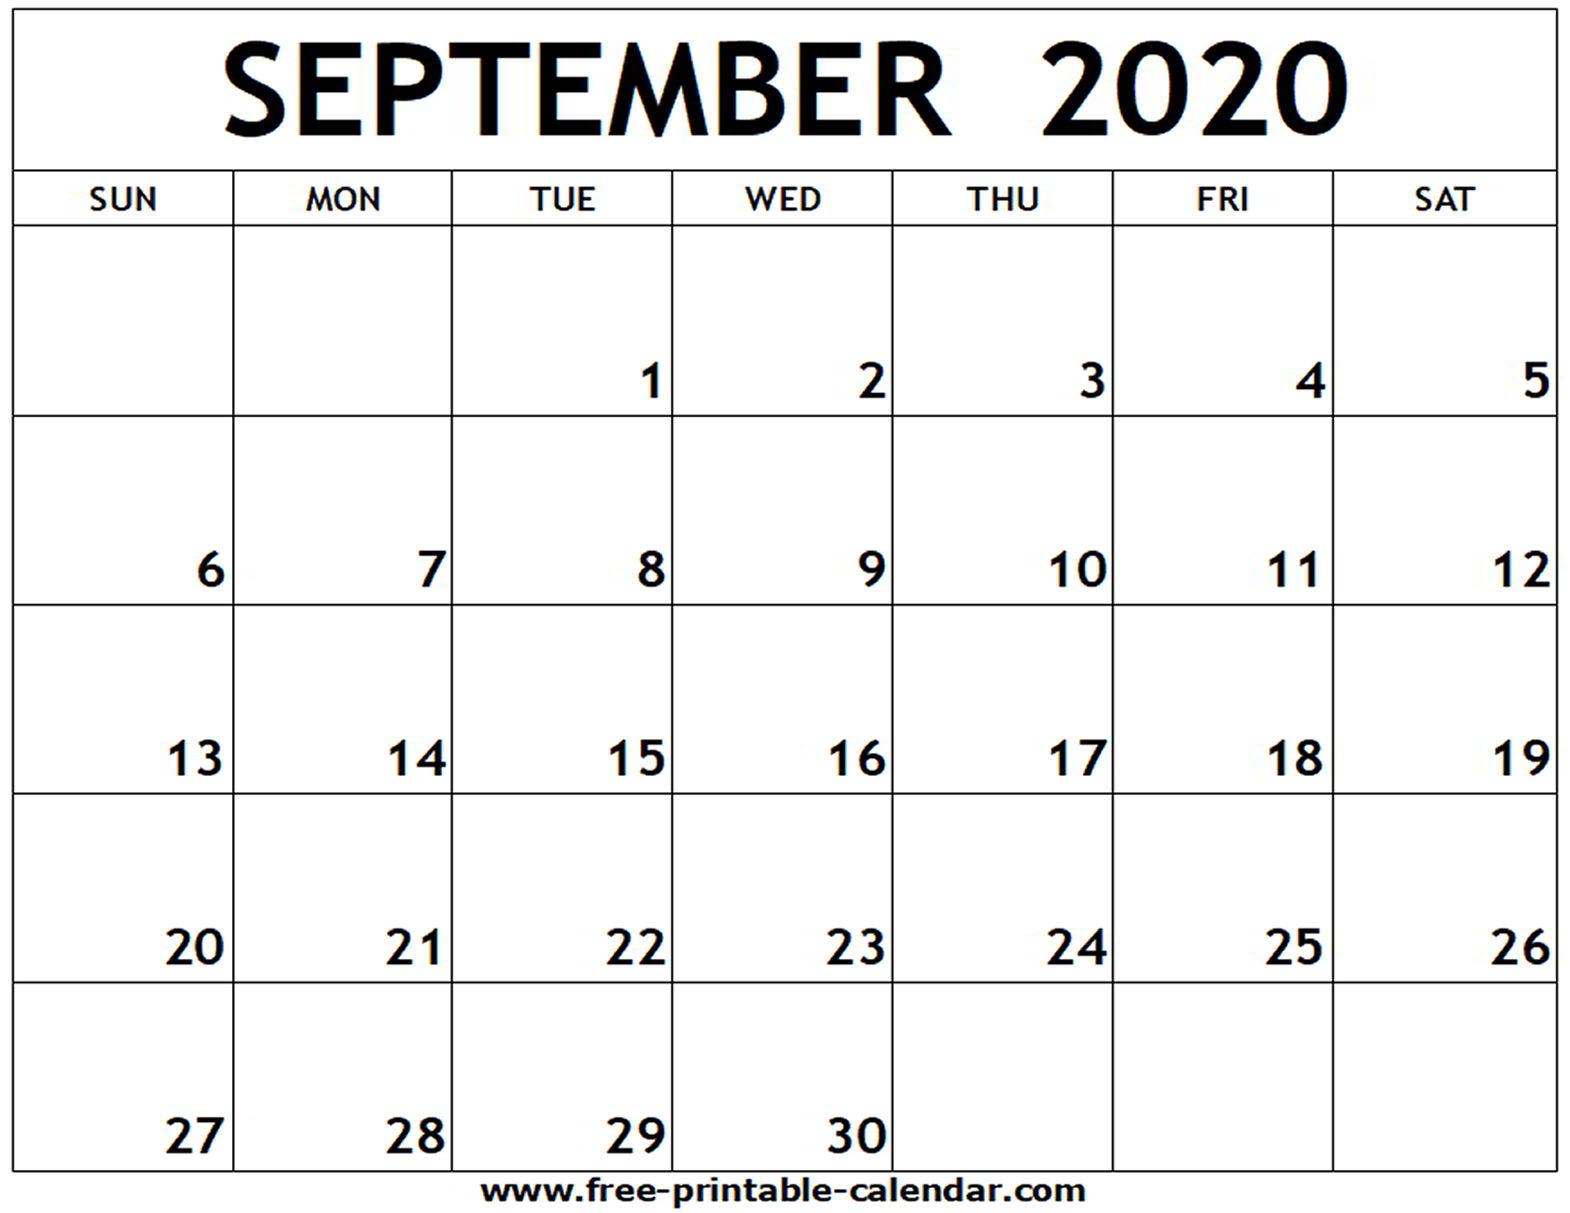 Printable Calendars September 2020 - Wpa.wpart.co